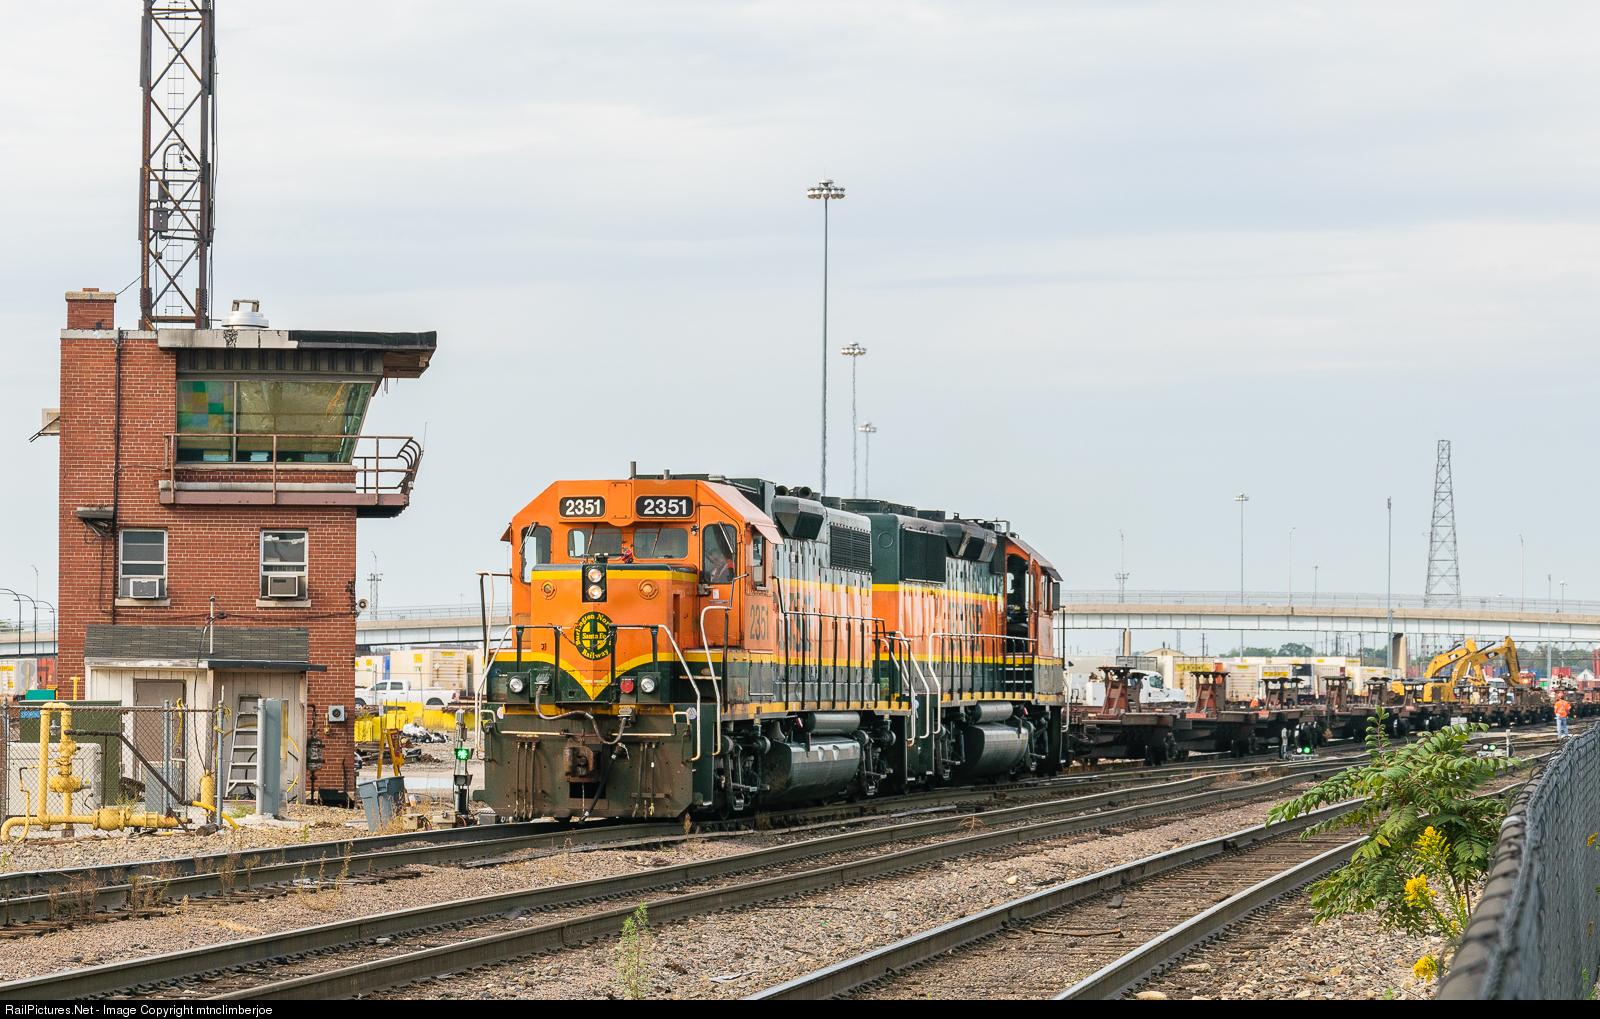 RailPictures Net Photo: BNSF 2351 BNSF Railway EMD GP38-2 at